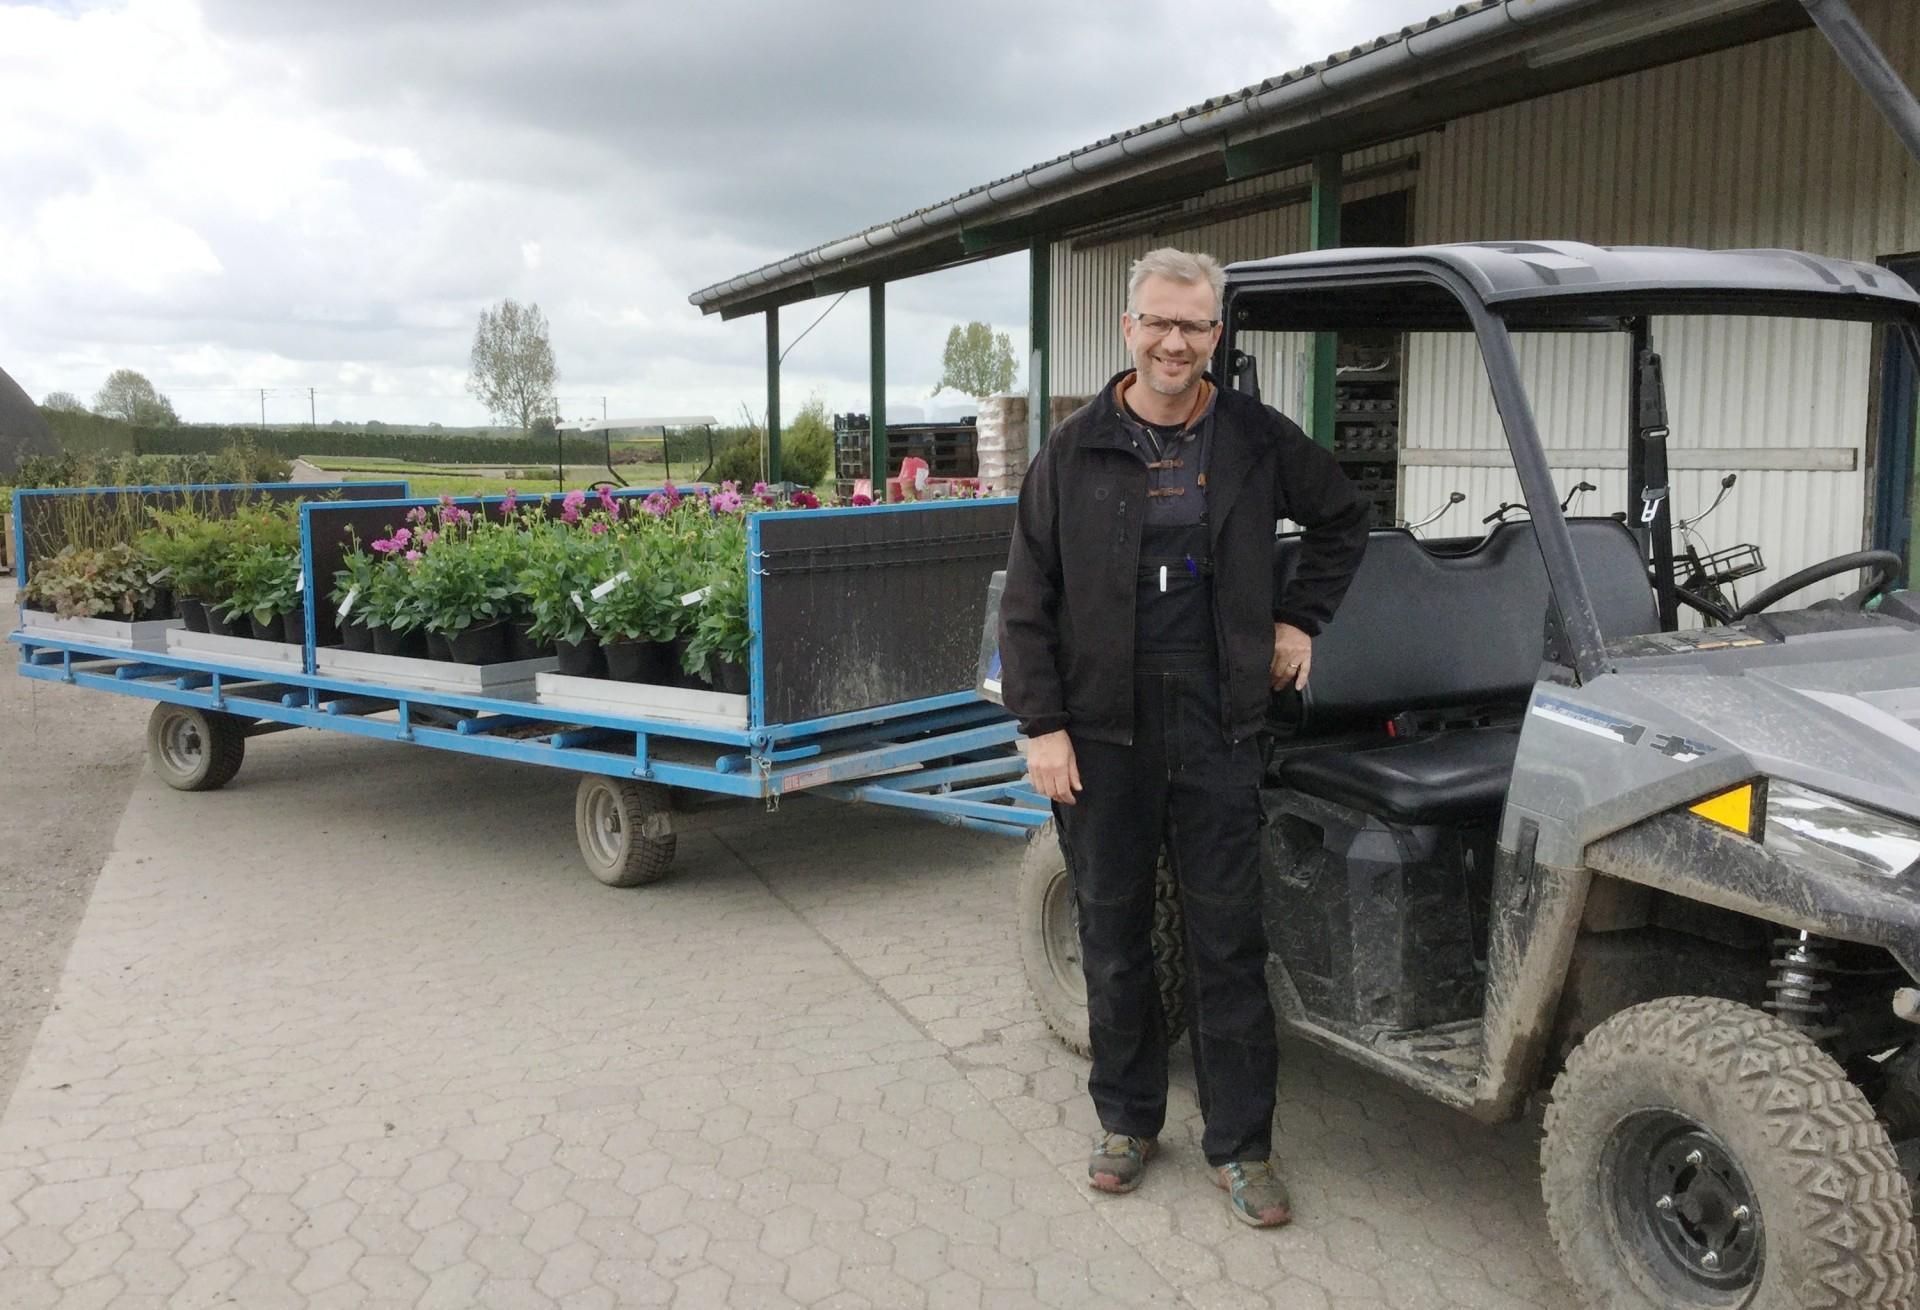 El biler bliver brugt paa planteskole